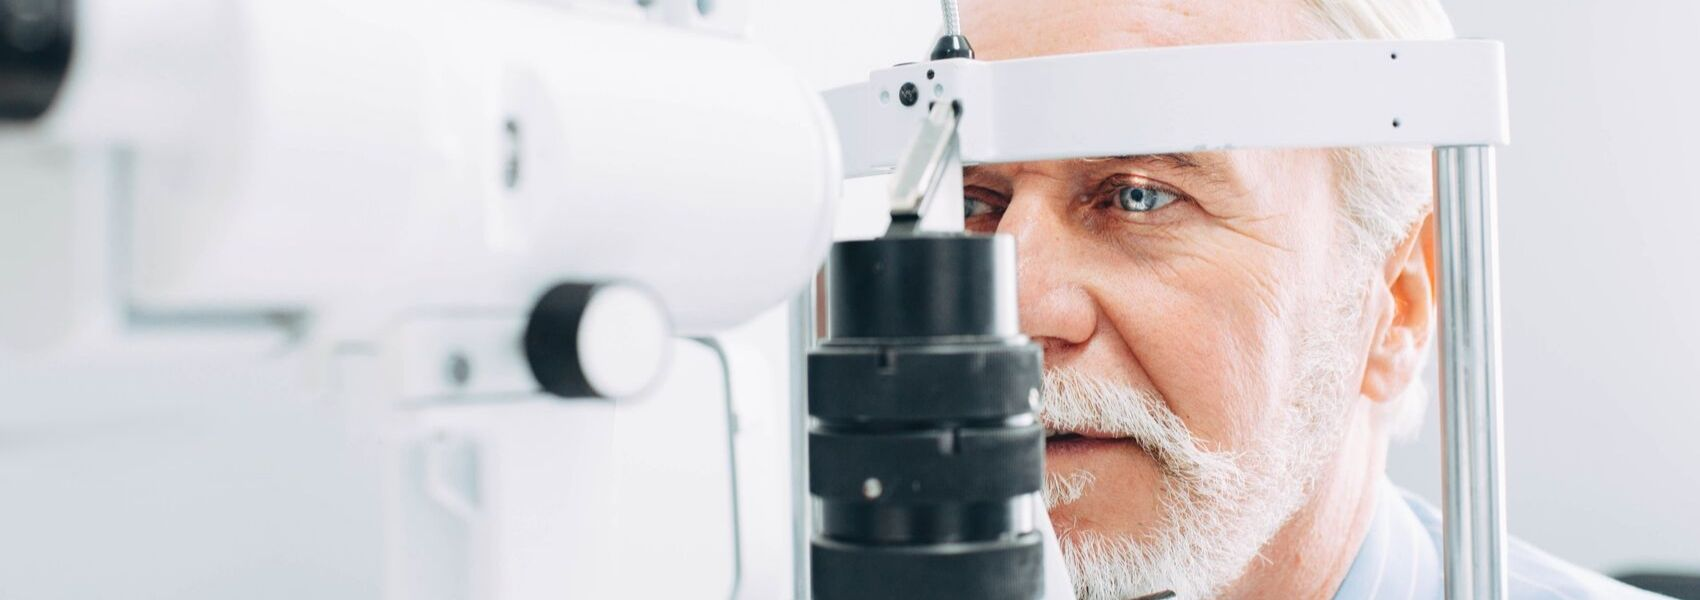 exame ocular para diagnosticar Alzheimer